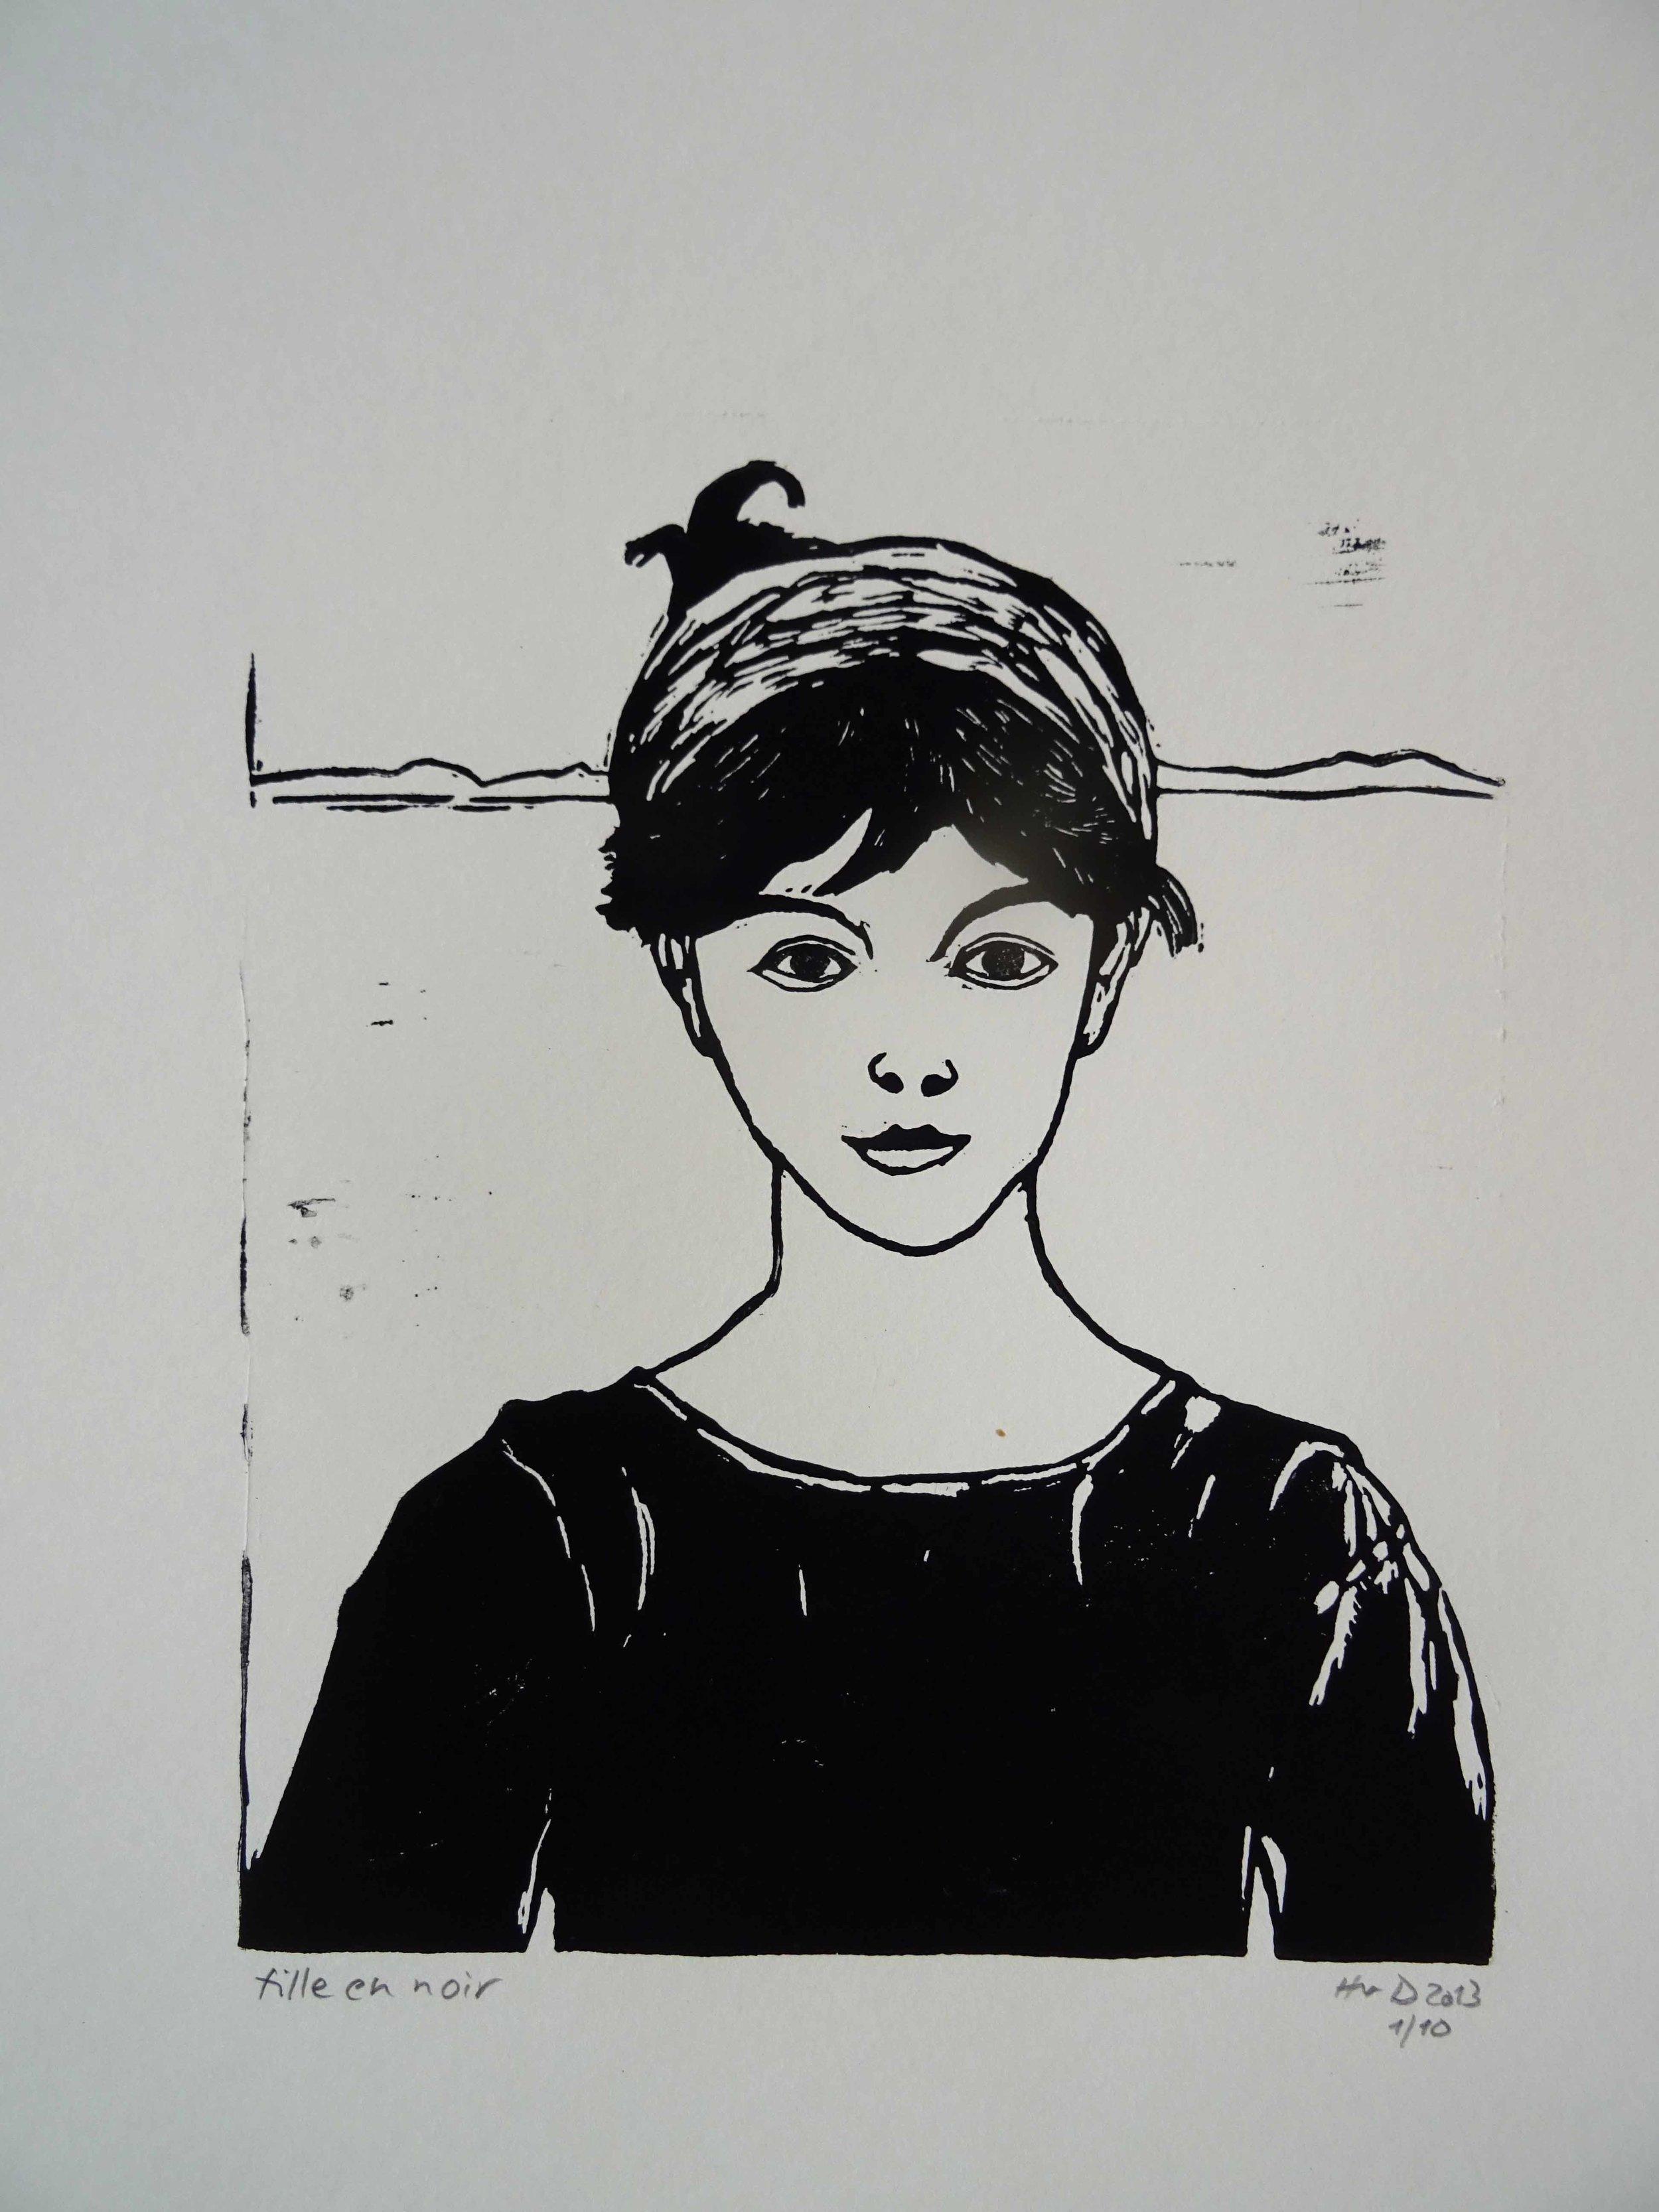 136 - Fille en noir, lino 23.5x19 cm, 60 €